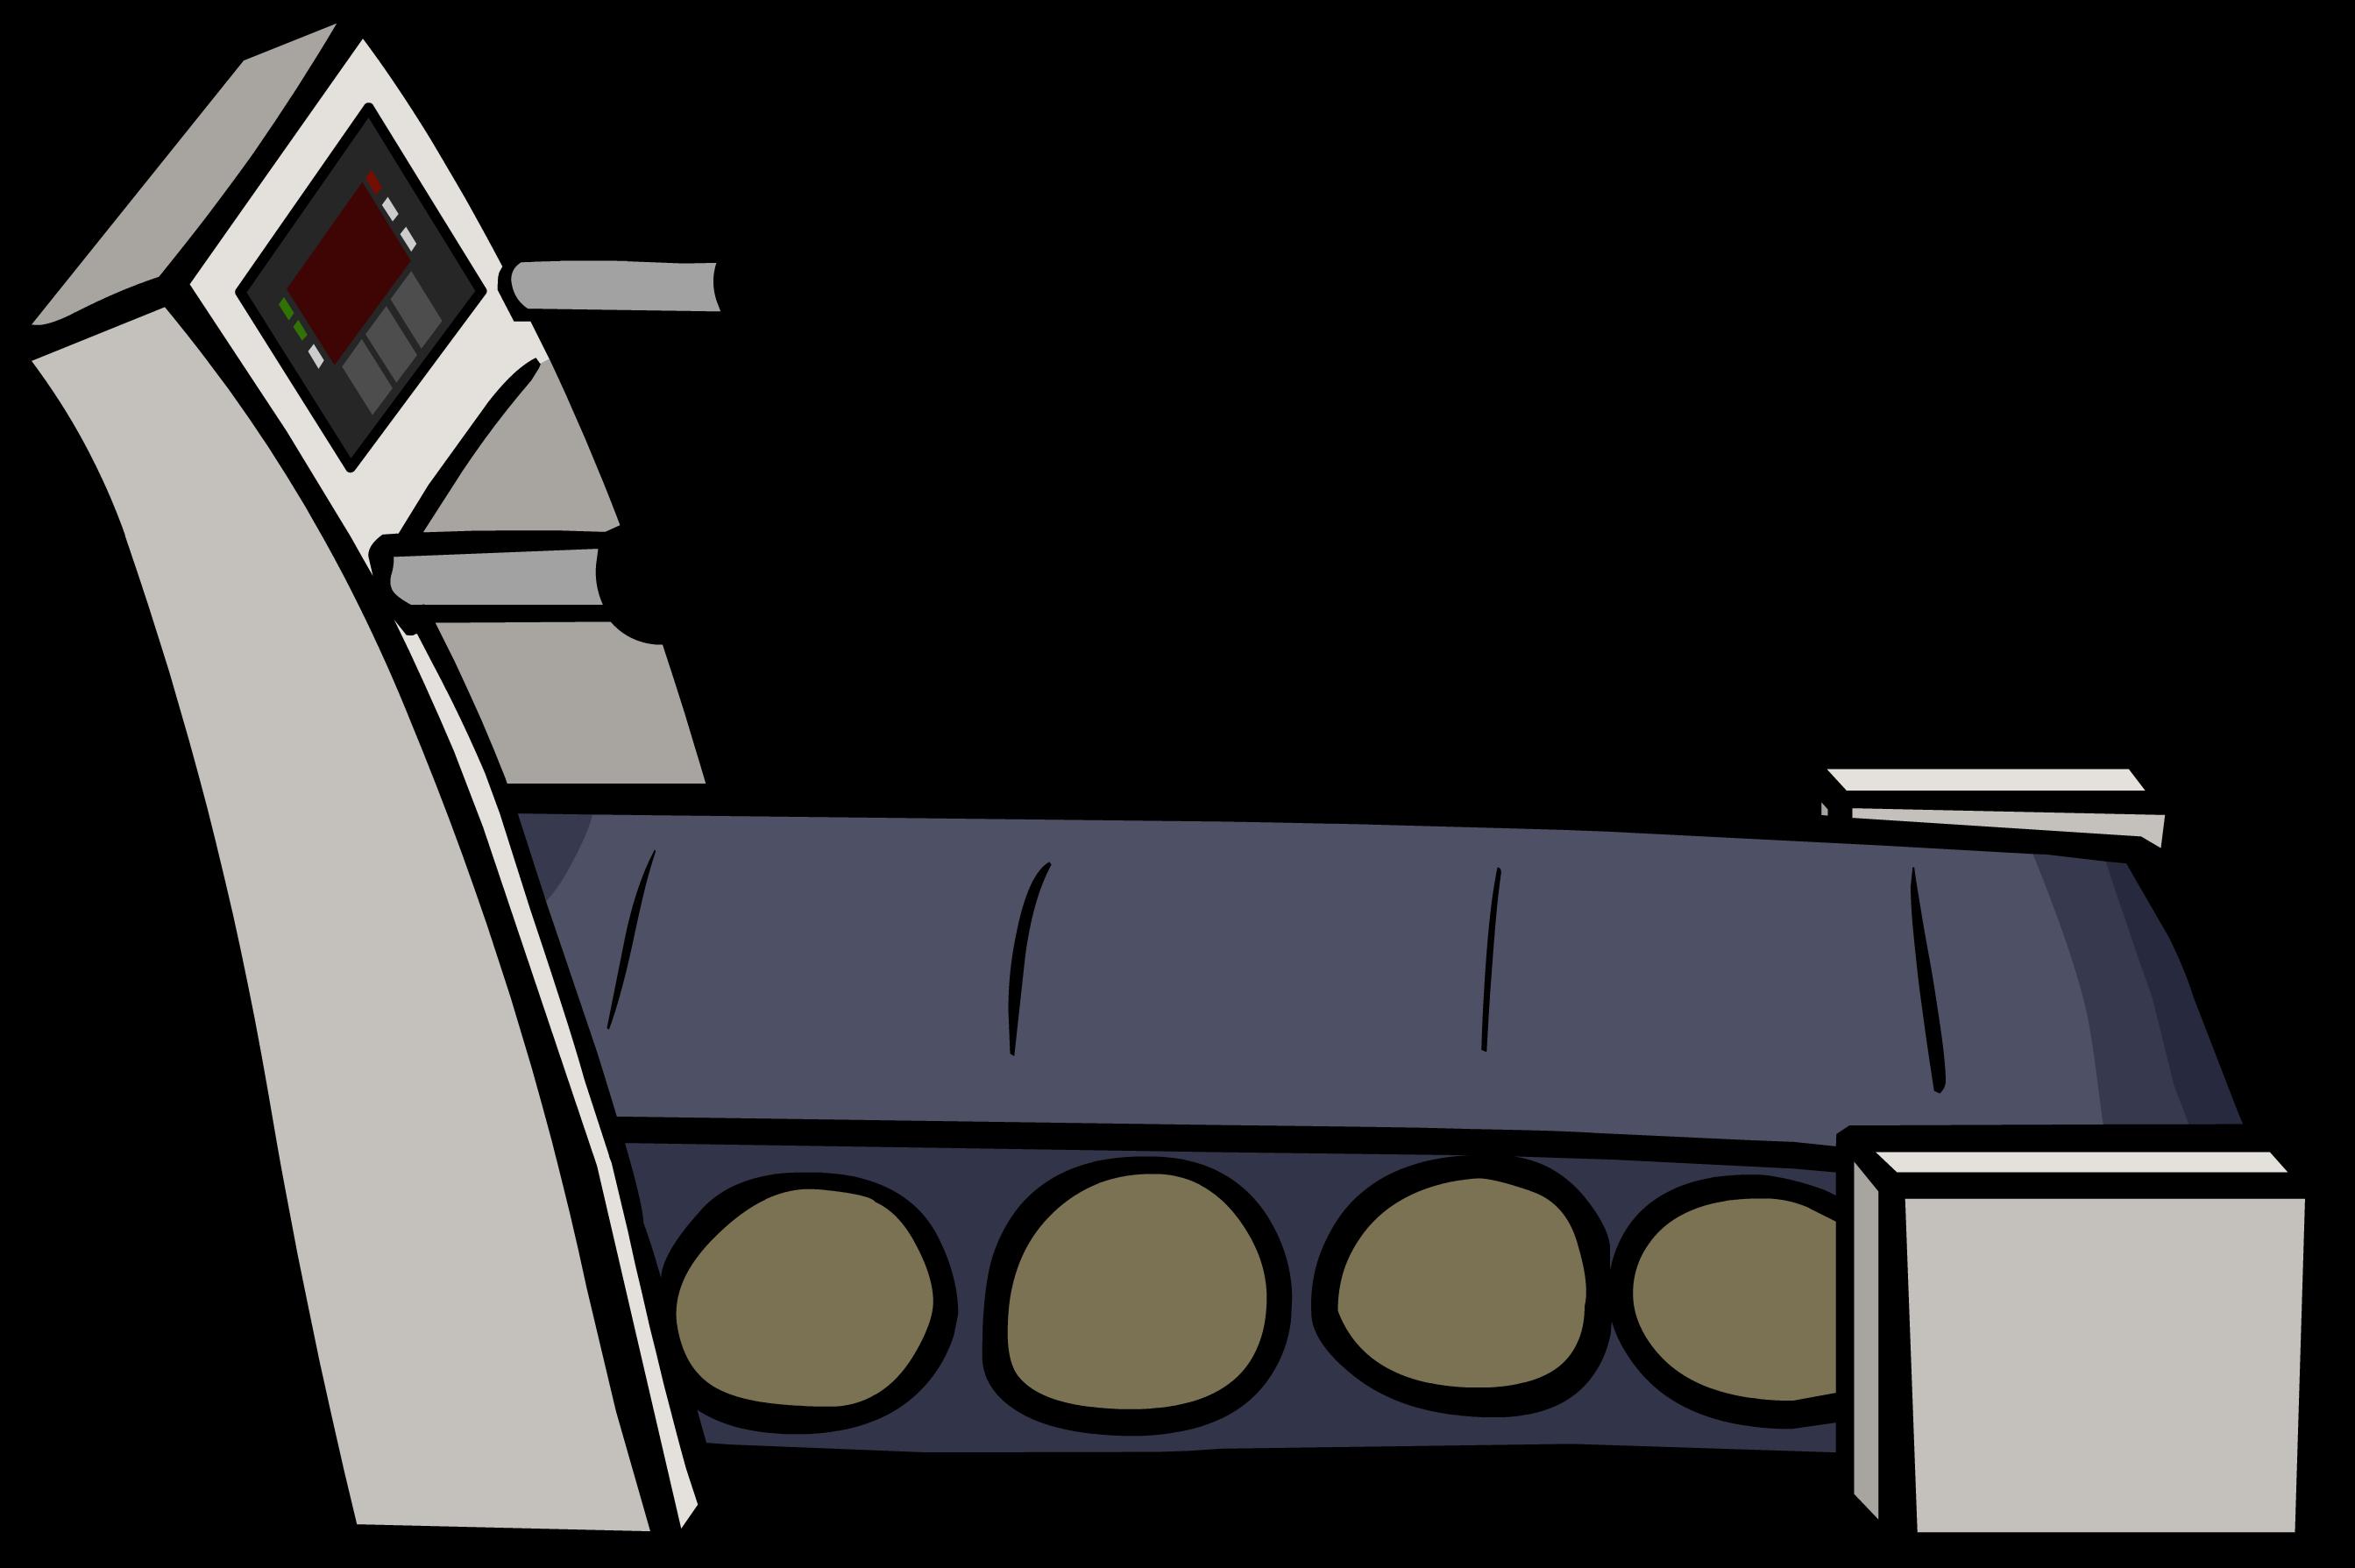 Беговая дорожка PNG